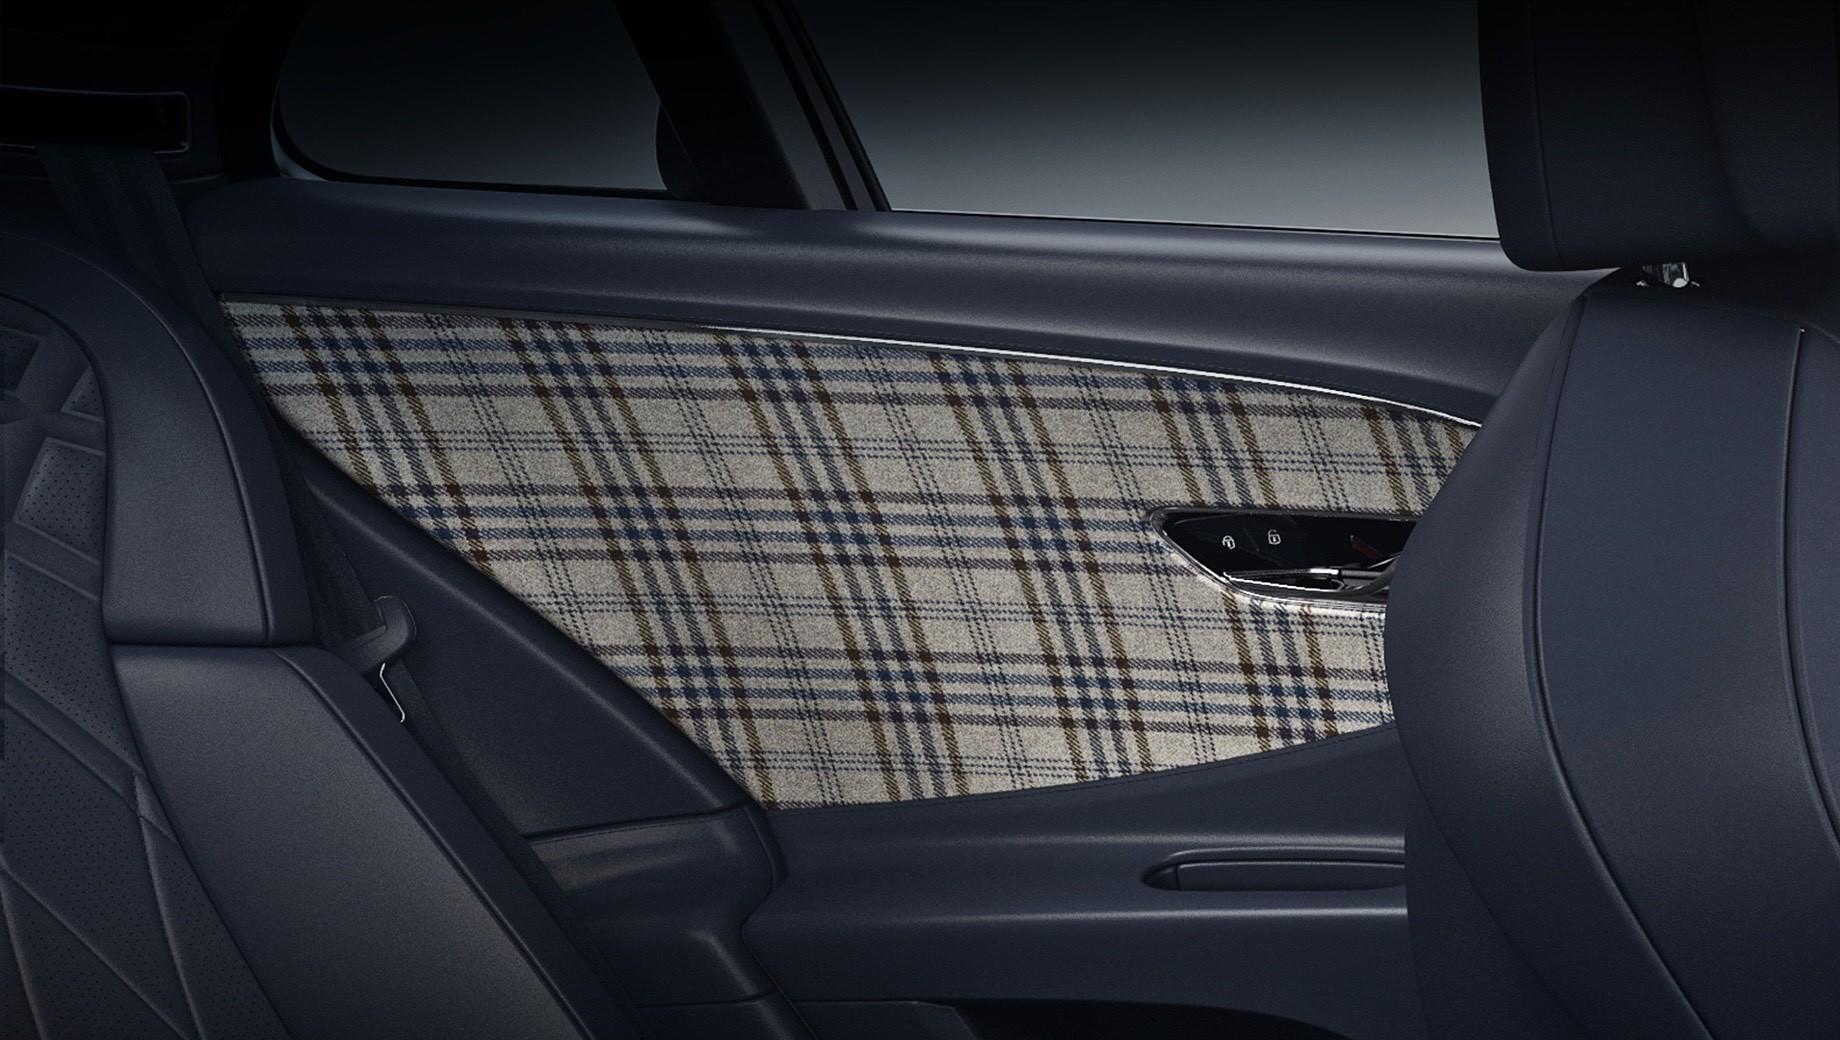 Bentley continental gt,Bentley flying spur,Bentley flying spur v8. Отделка британским твидом используется на моделях Bentley не впервые. До этого отделение Mulliner уже делало эксклюзивные автомобили Bentayga Sportsman и Continental GT Equestrian Edition, а также редчайшую баркетту Bacalar с подобной тканью в интерьере.